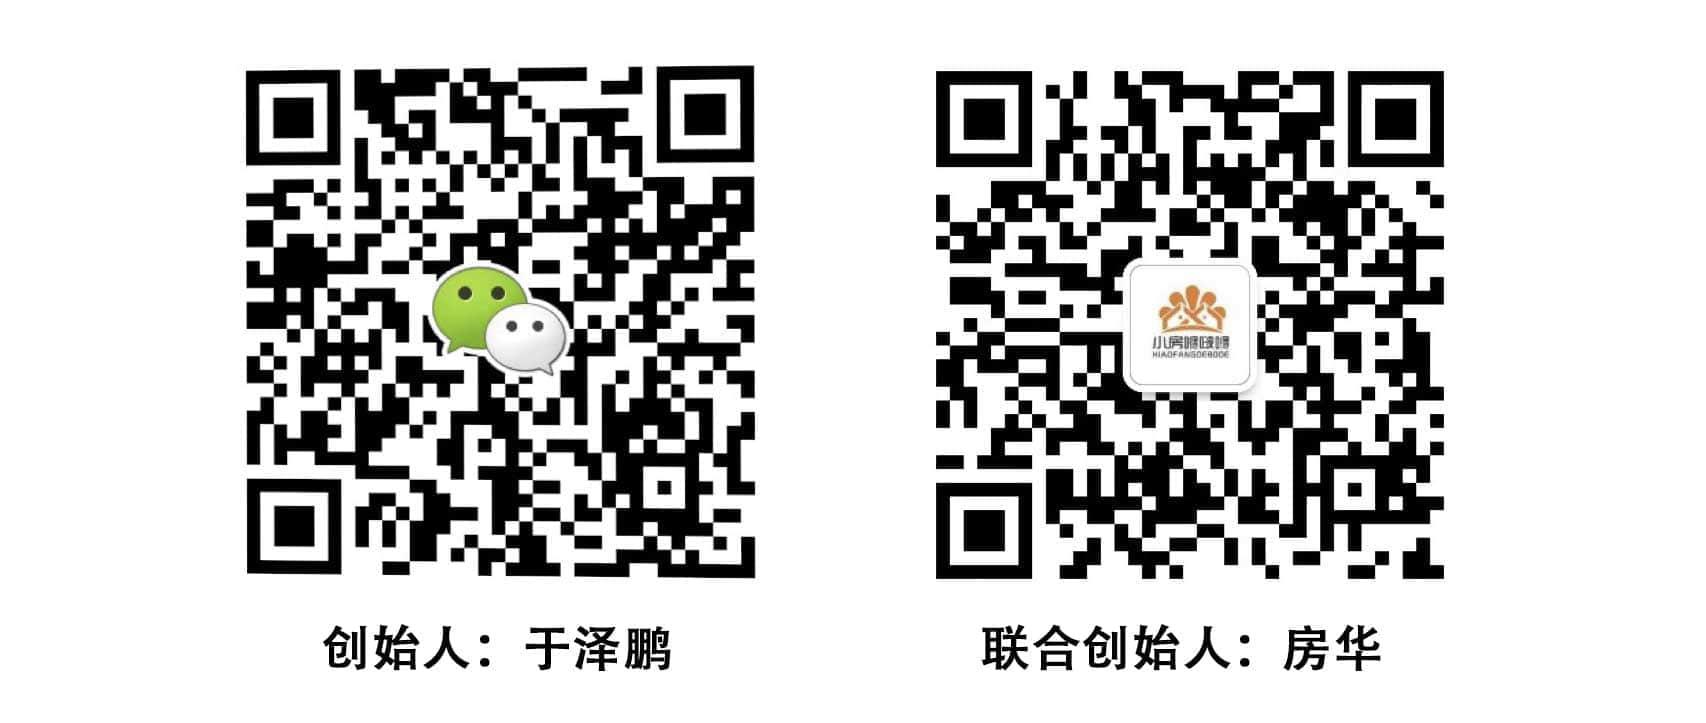 微信图片_20200315094357.jpg